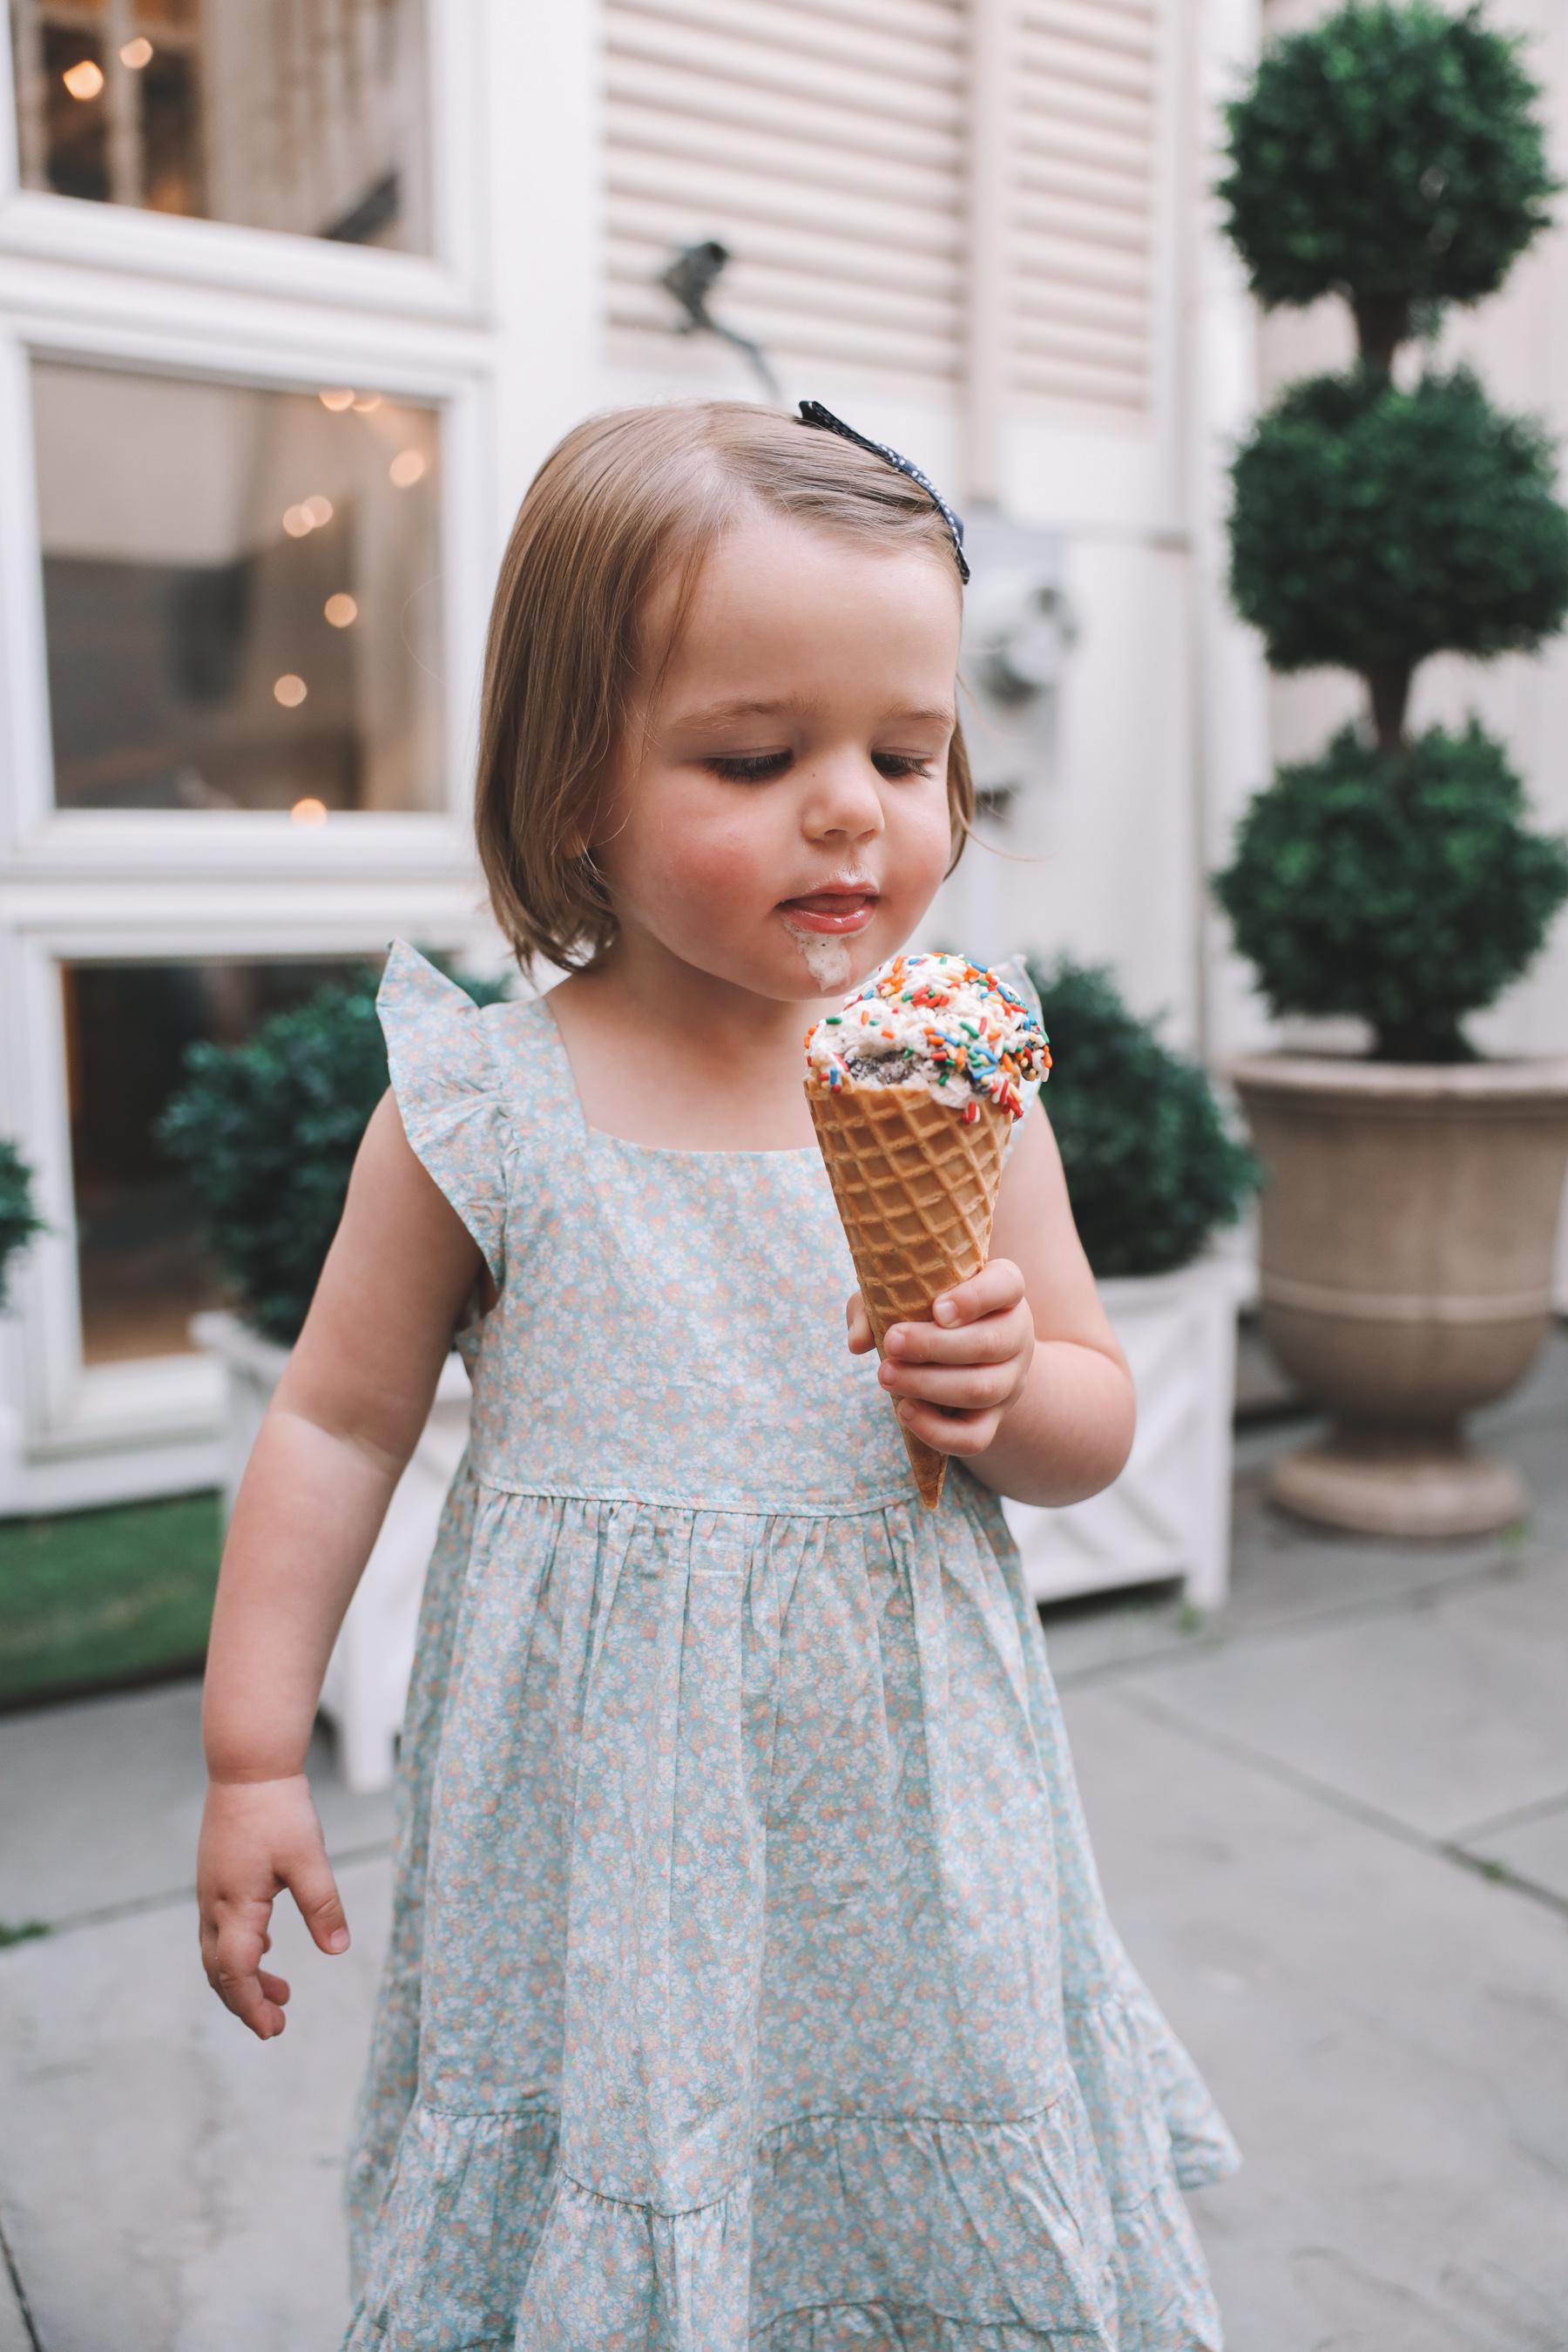 Toddler Eating Favorite Day Ice Cream